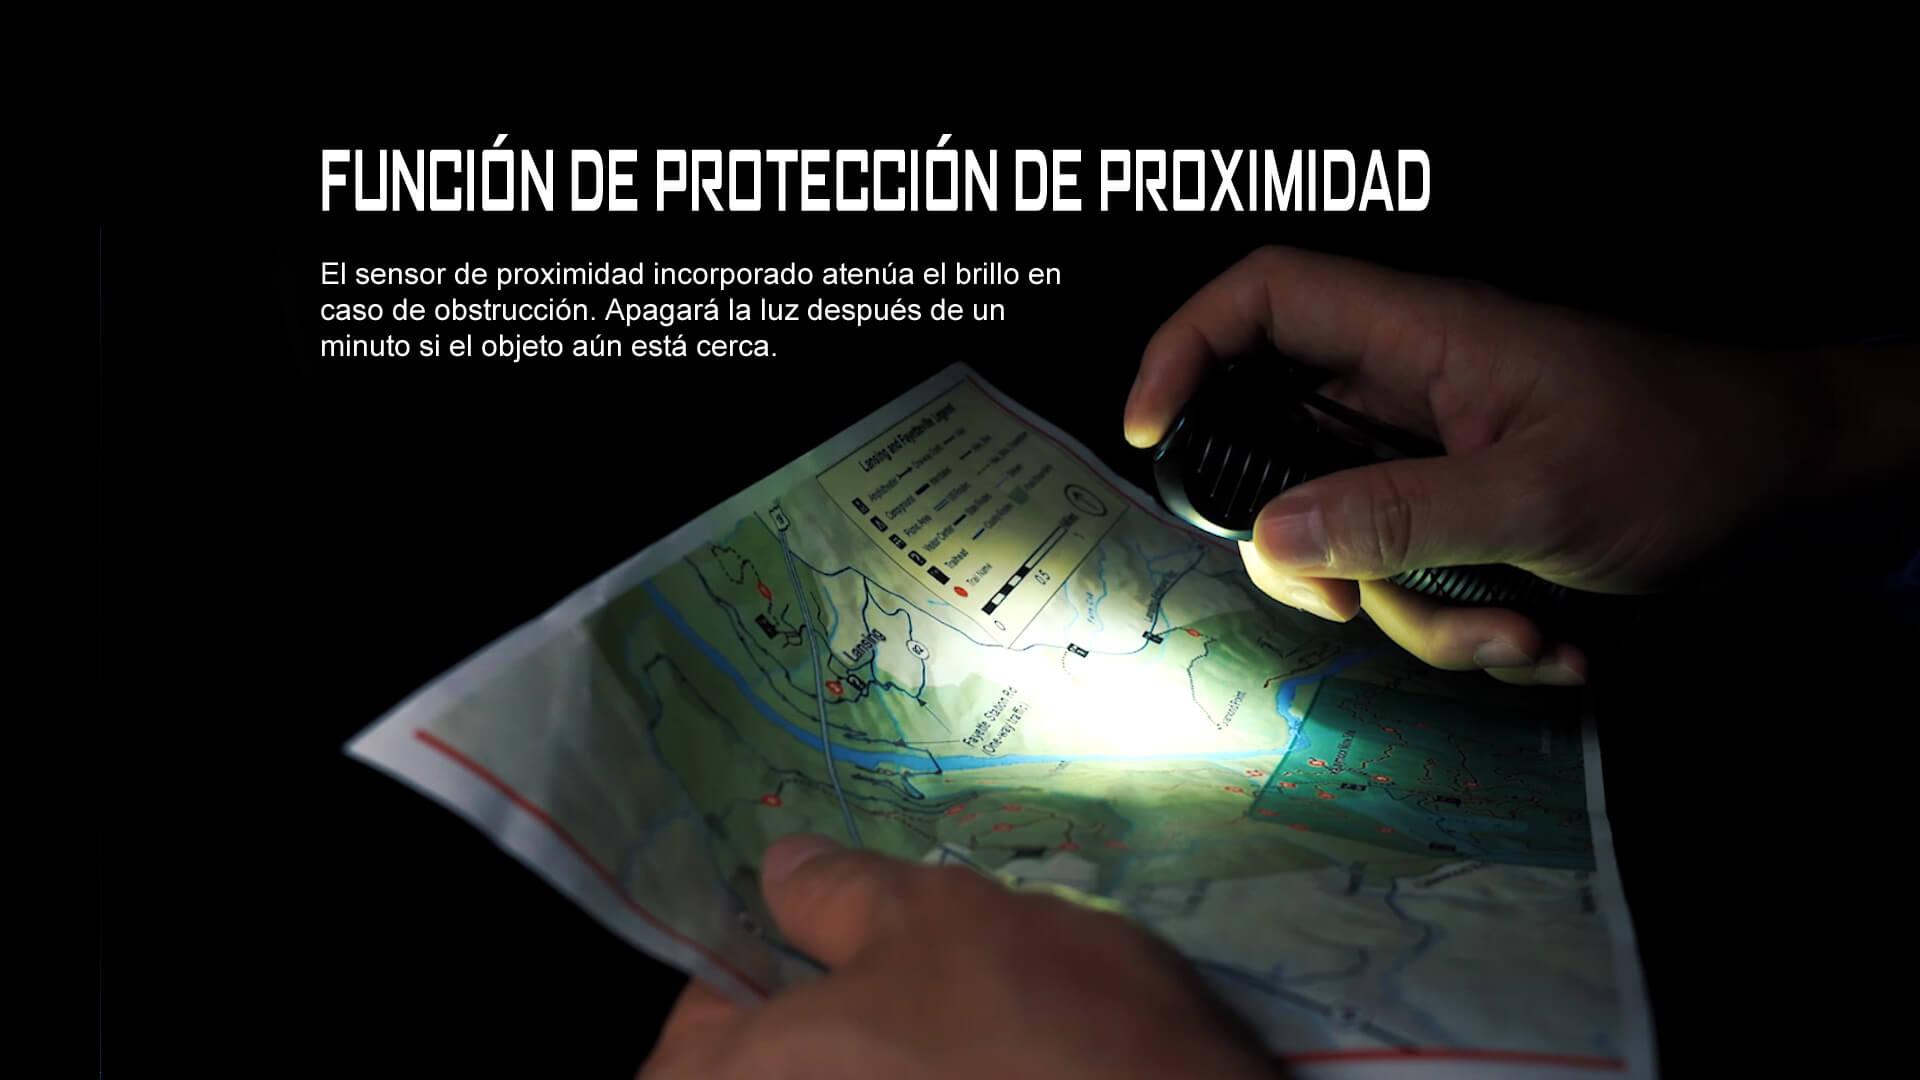 Diseño especial para una función de protección de proximidad de Perun 2